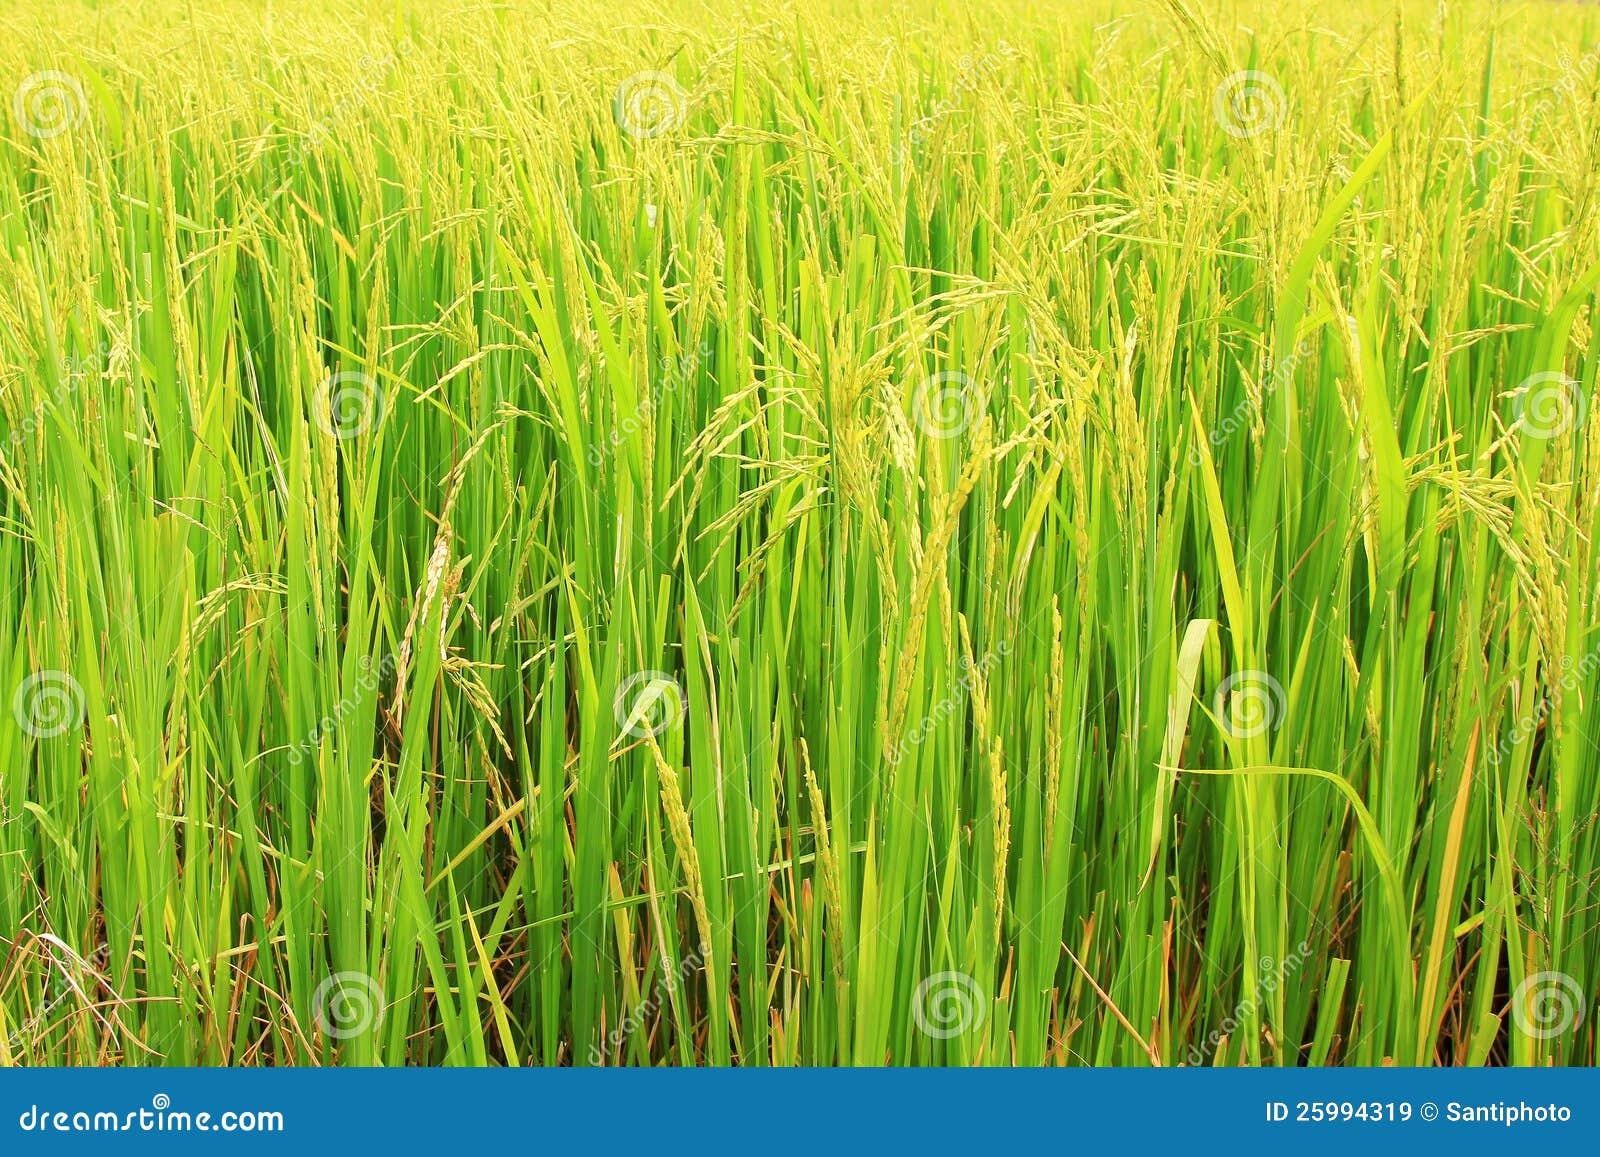 Pianta di riso immagini stock libere da diritti immagine for Pianta di more